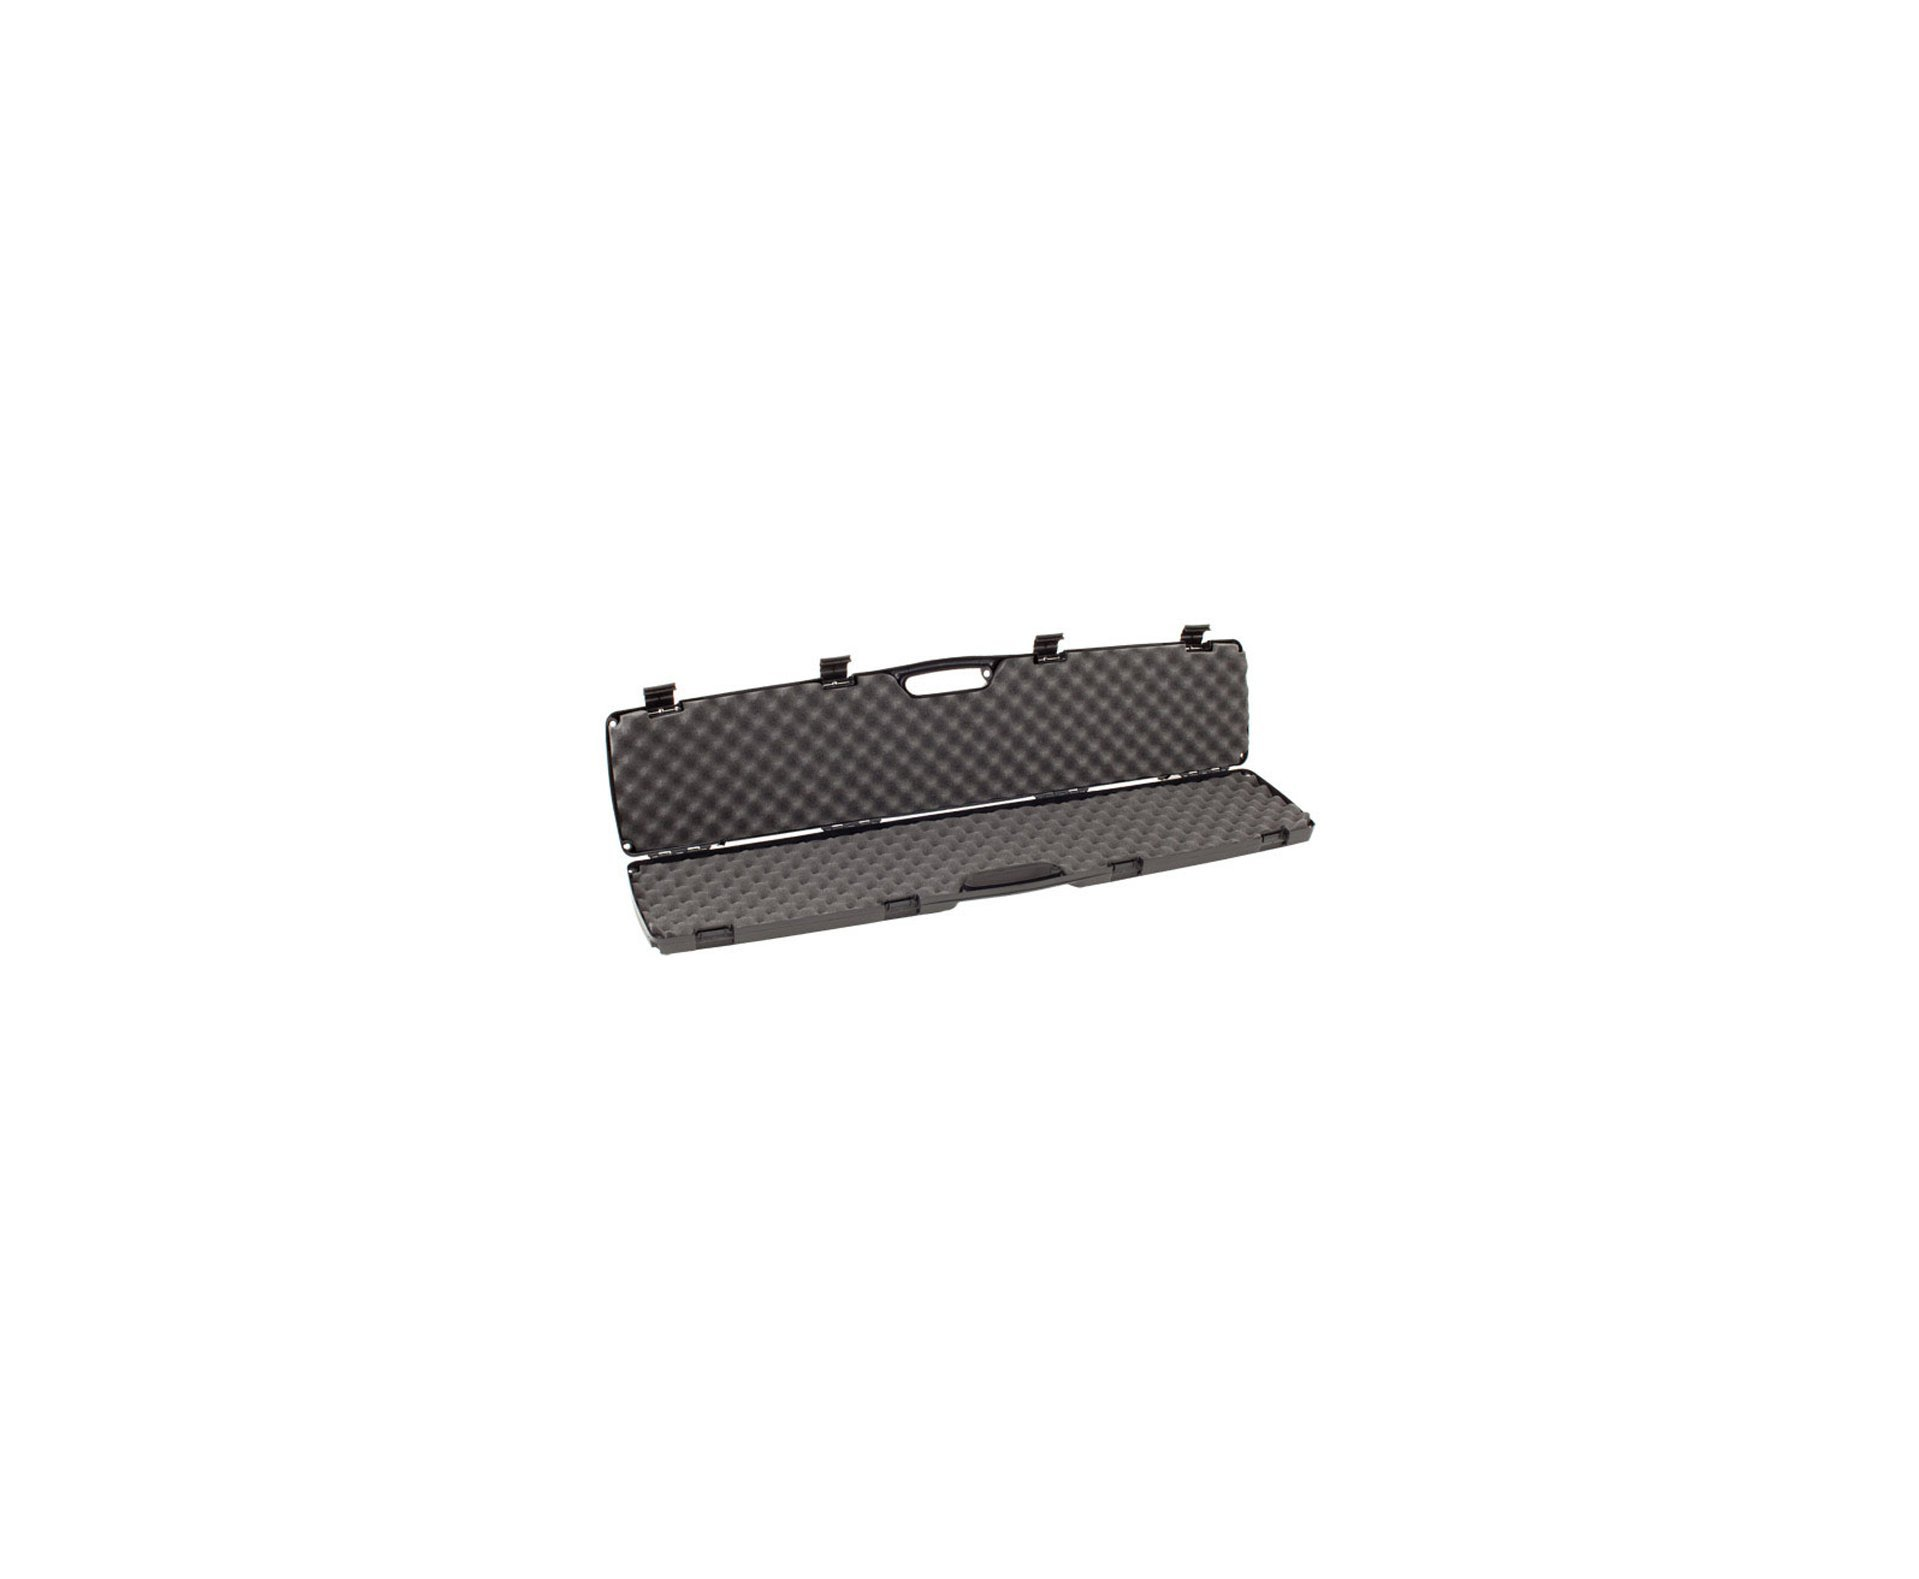 Carabina De Pressão Hatsan Ht80 Combo Especial - Cal 5,5mm + Pistão Pneumático + Luneta 4x32 Rossi + Bandoleira + Chumbinho + Case Rossi